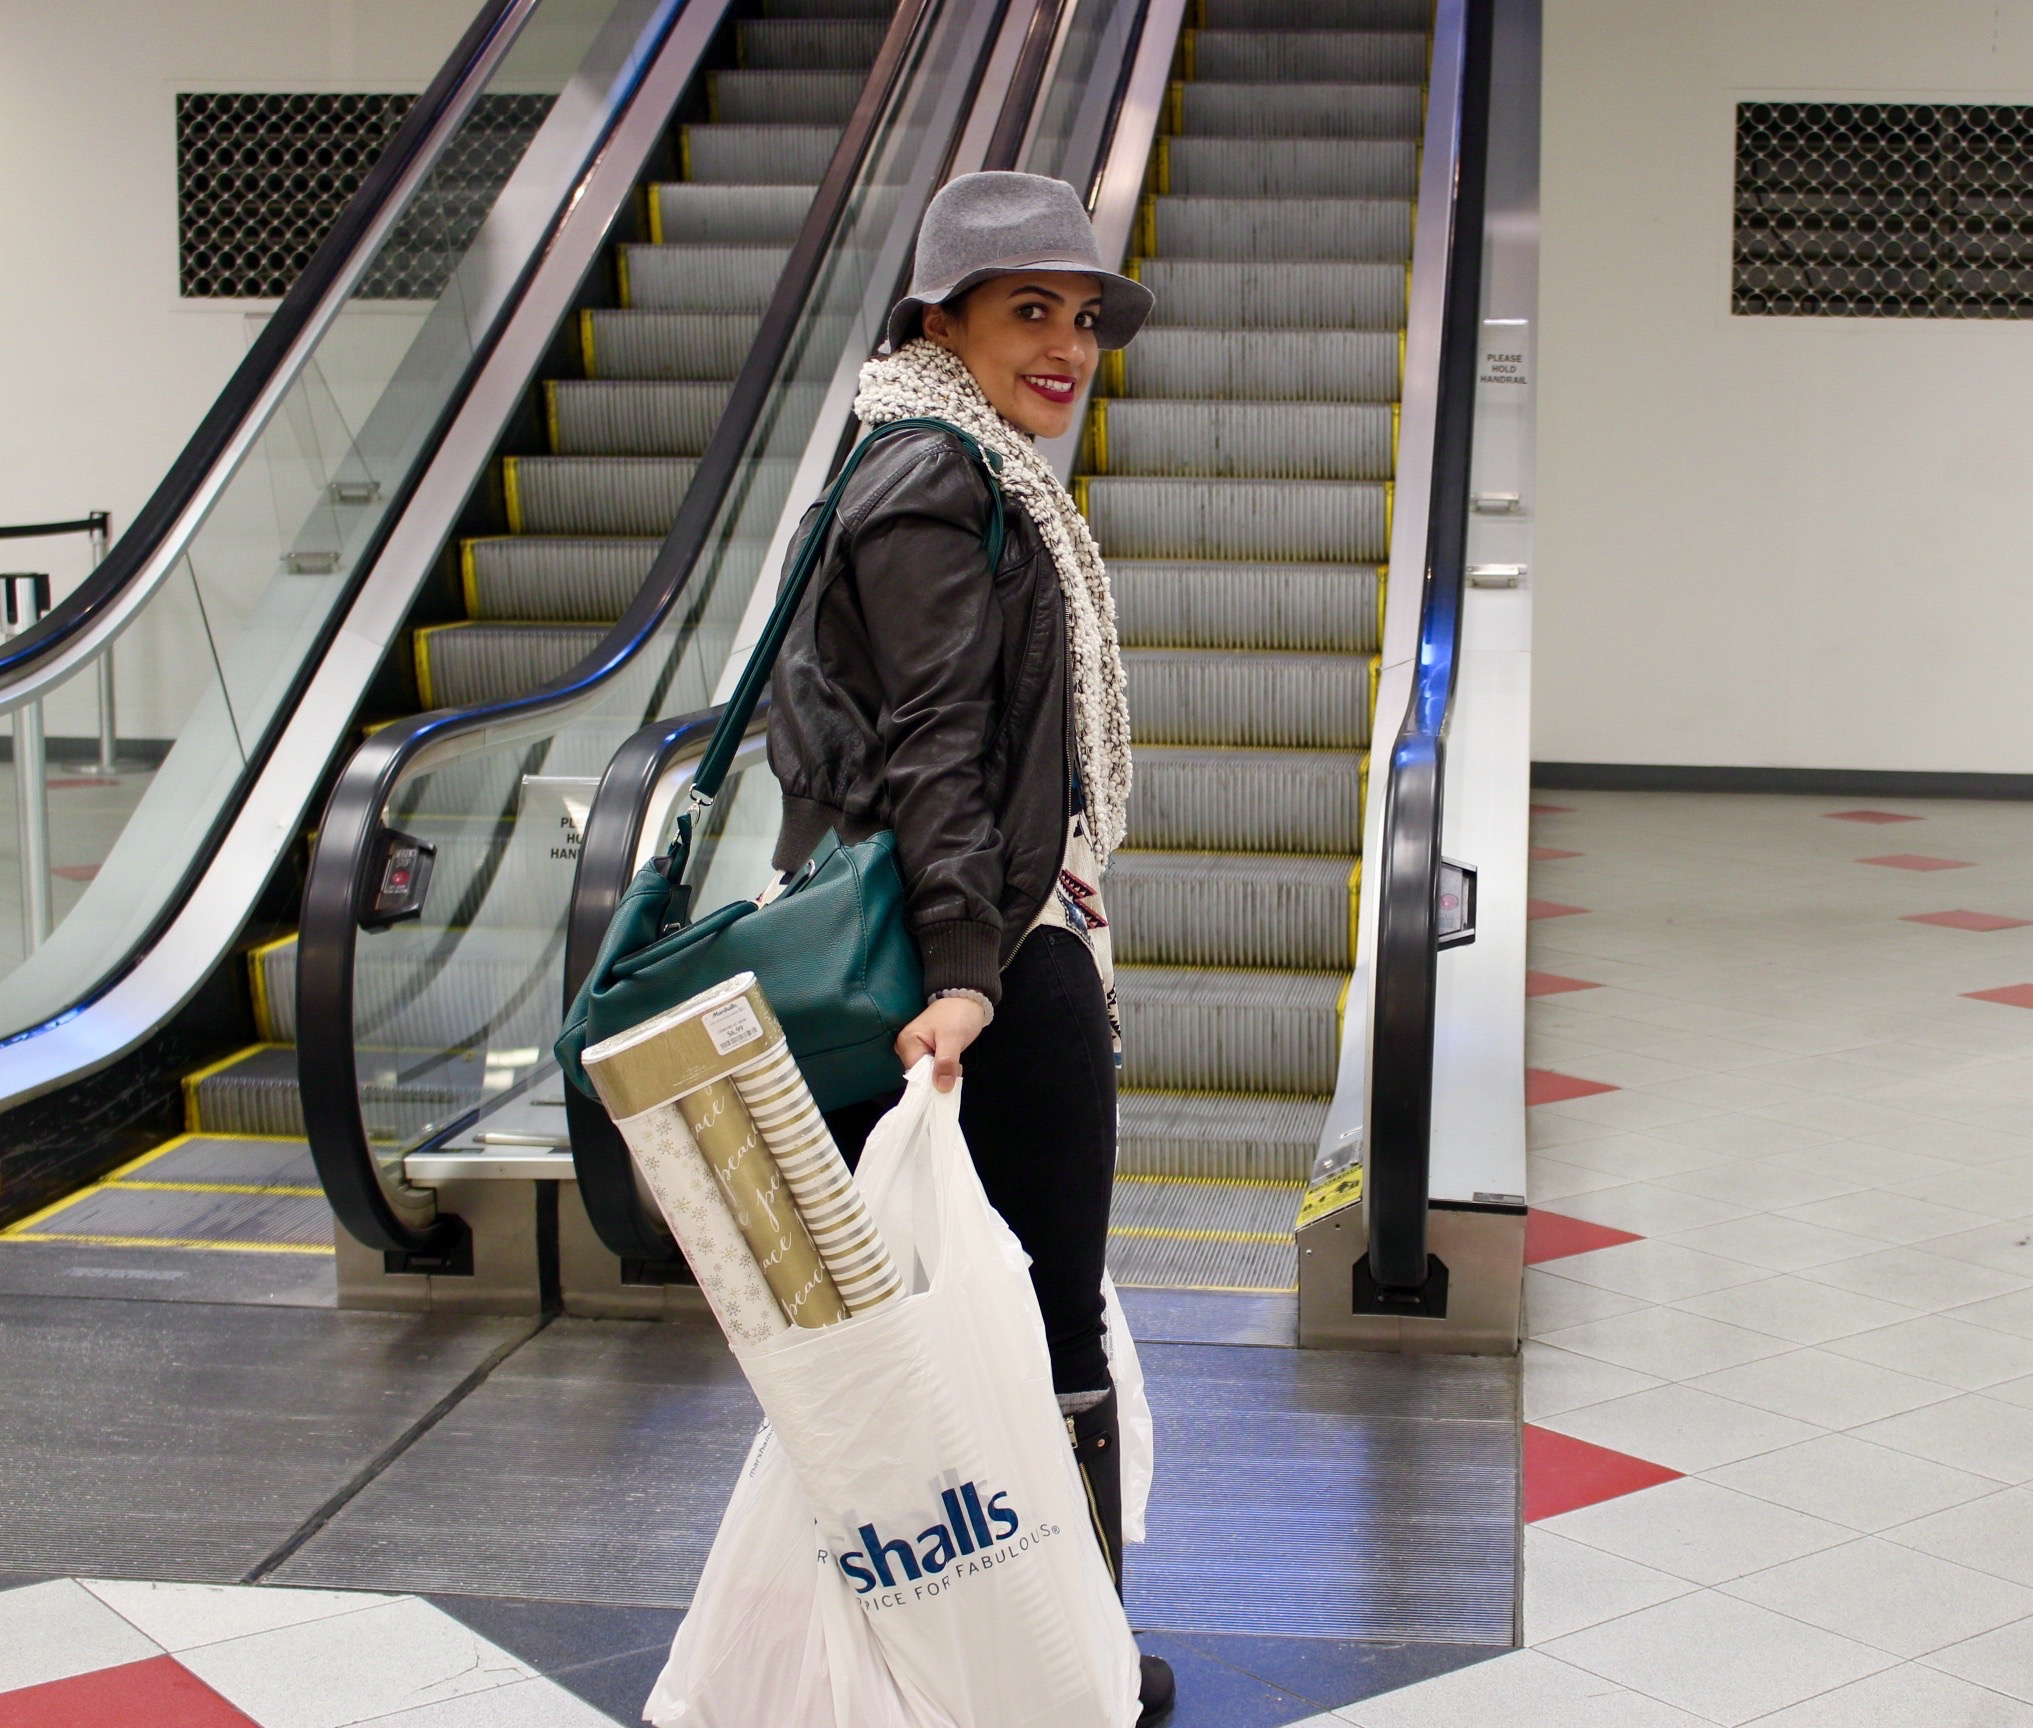 holiday shopping marshalls be chic mag